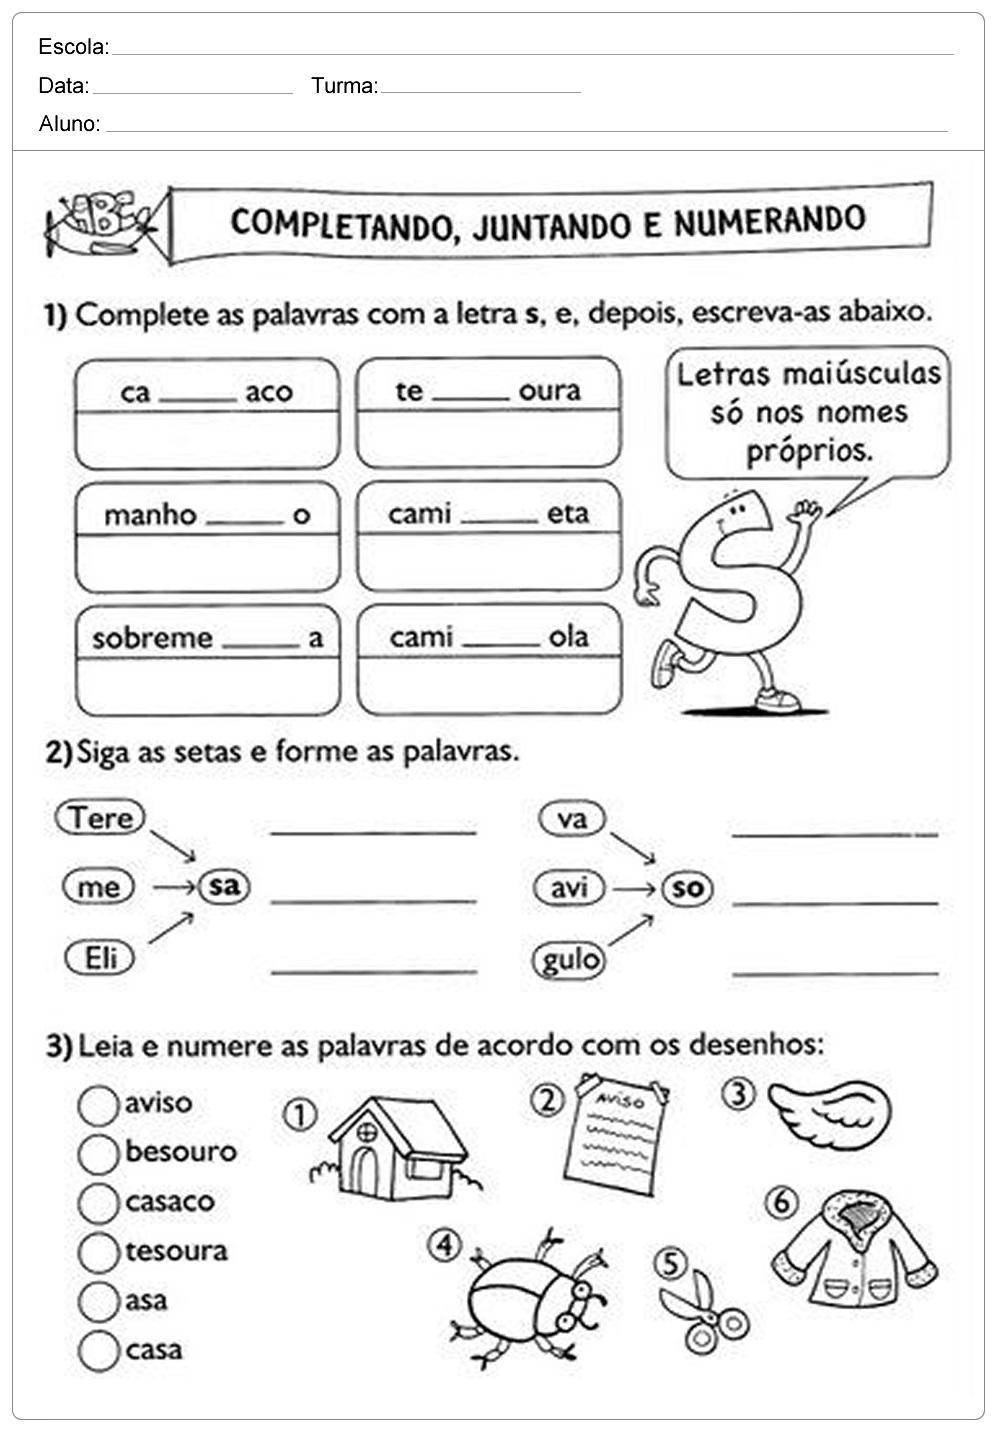 Atividades De Português 2 Ano Do Ensino Fundamental Para Imprimir